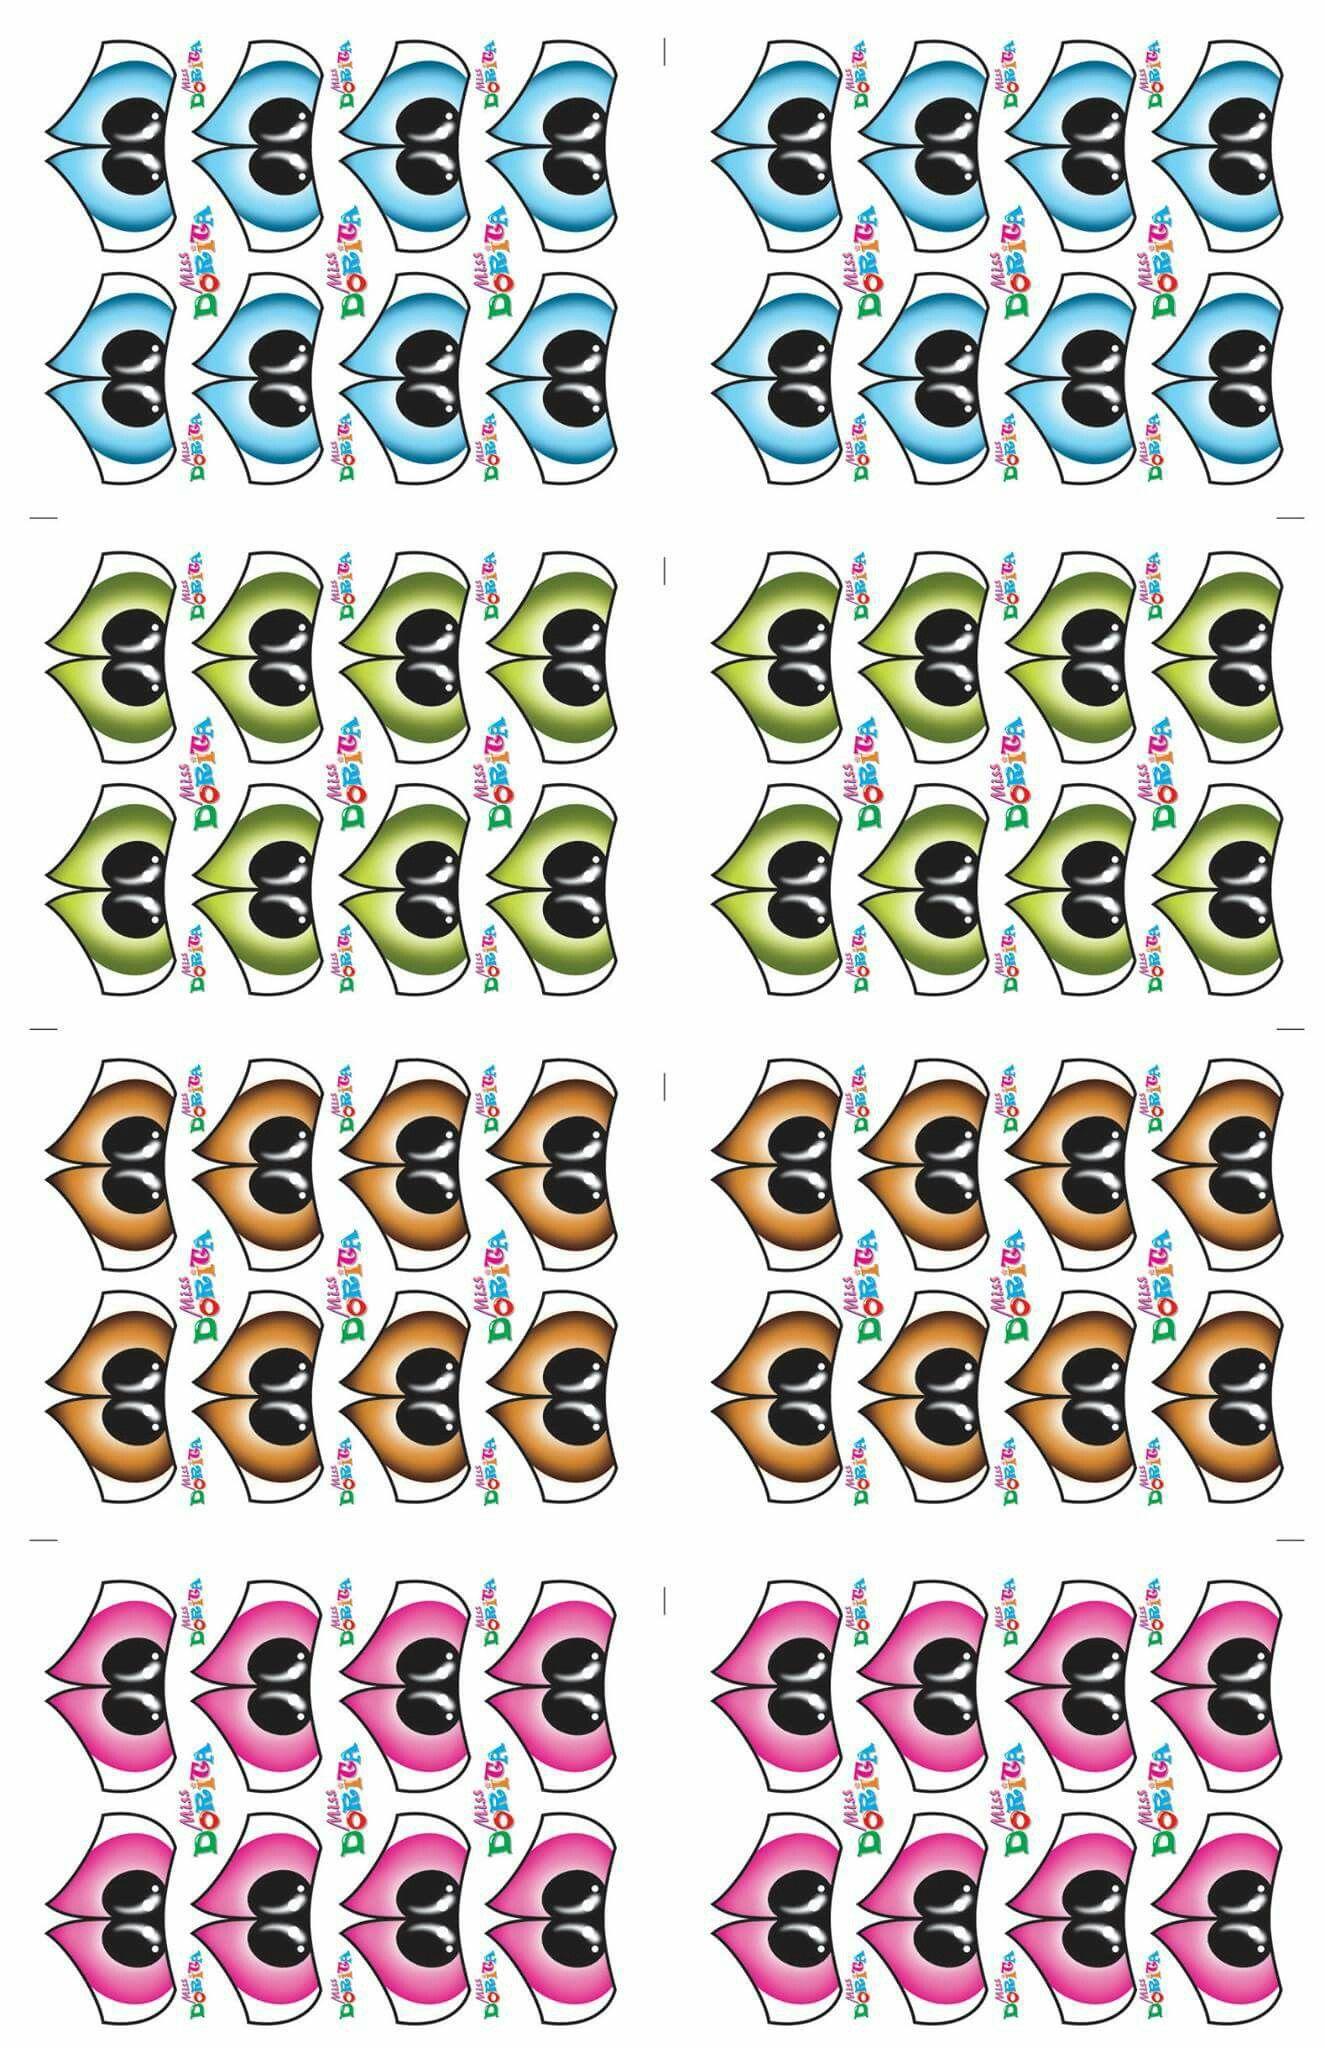 Adesivo Para Geladeira Kombi ~ Pin de Eccoarts em olhos e bocas Pinterest Olho, Adesivo e Imprimir